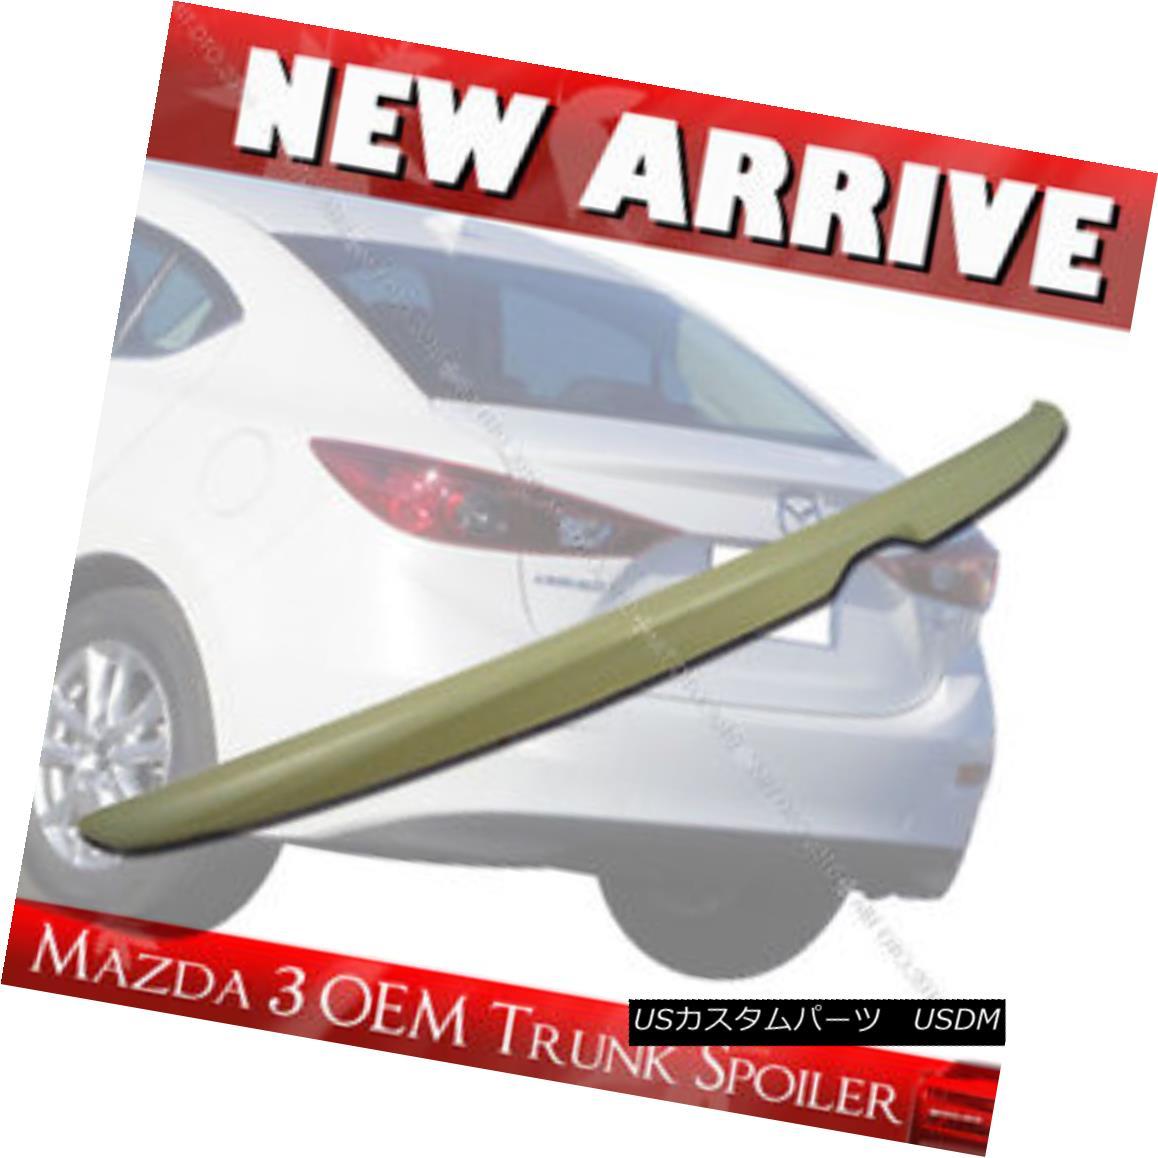 エアロパーツ Unpainted MAZDA 3 OE ABS Trunk Boot Spoiler Rear Wing 14-17 4DR Sedan § 未塗装MAZDA 3 OE ABSトランク・ブーツ・スポイラー・リアウィング14-17 4DRセダン